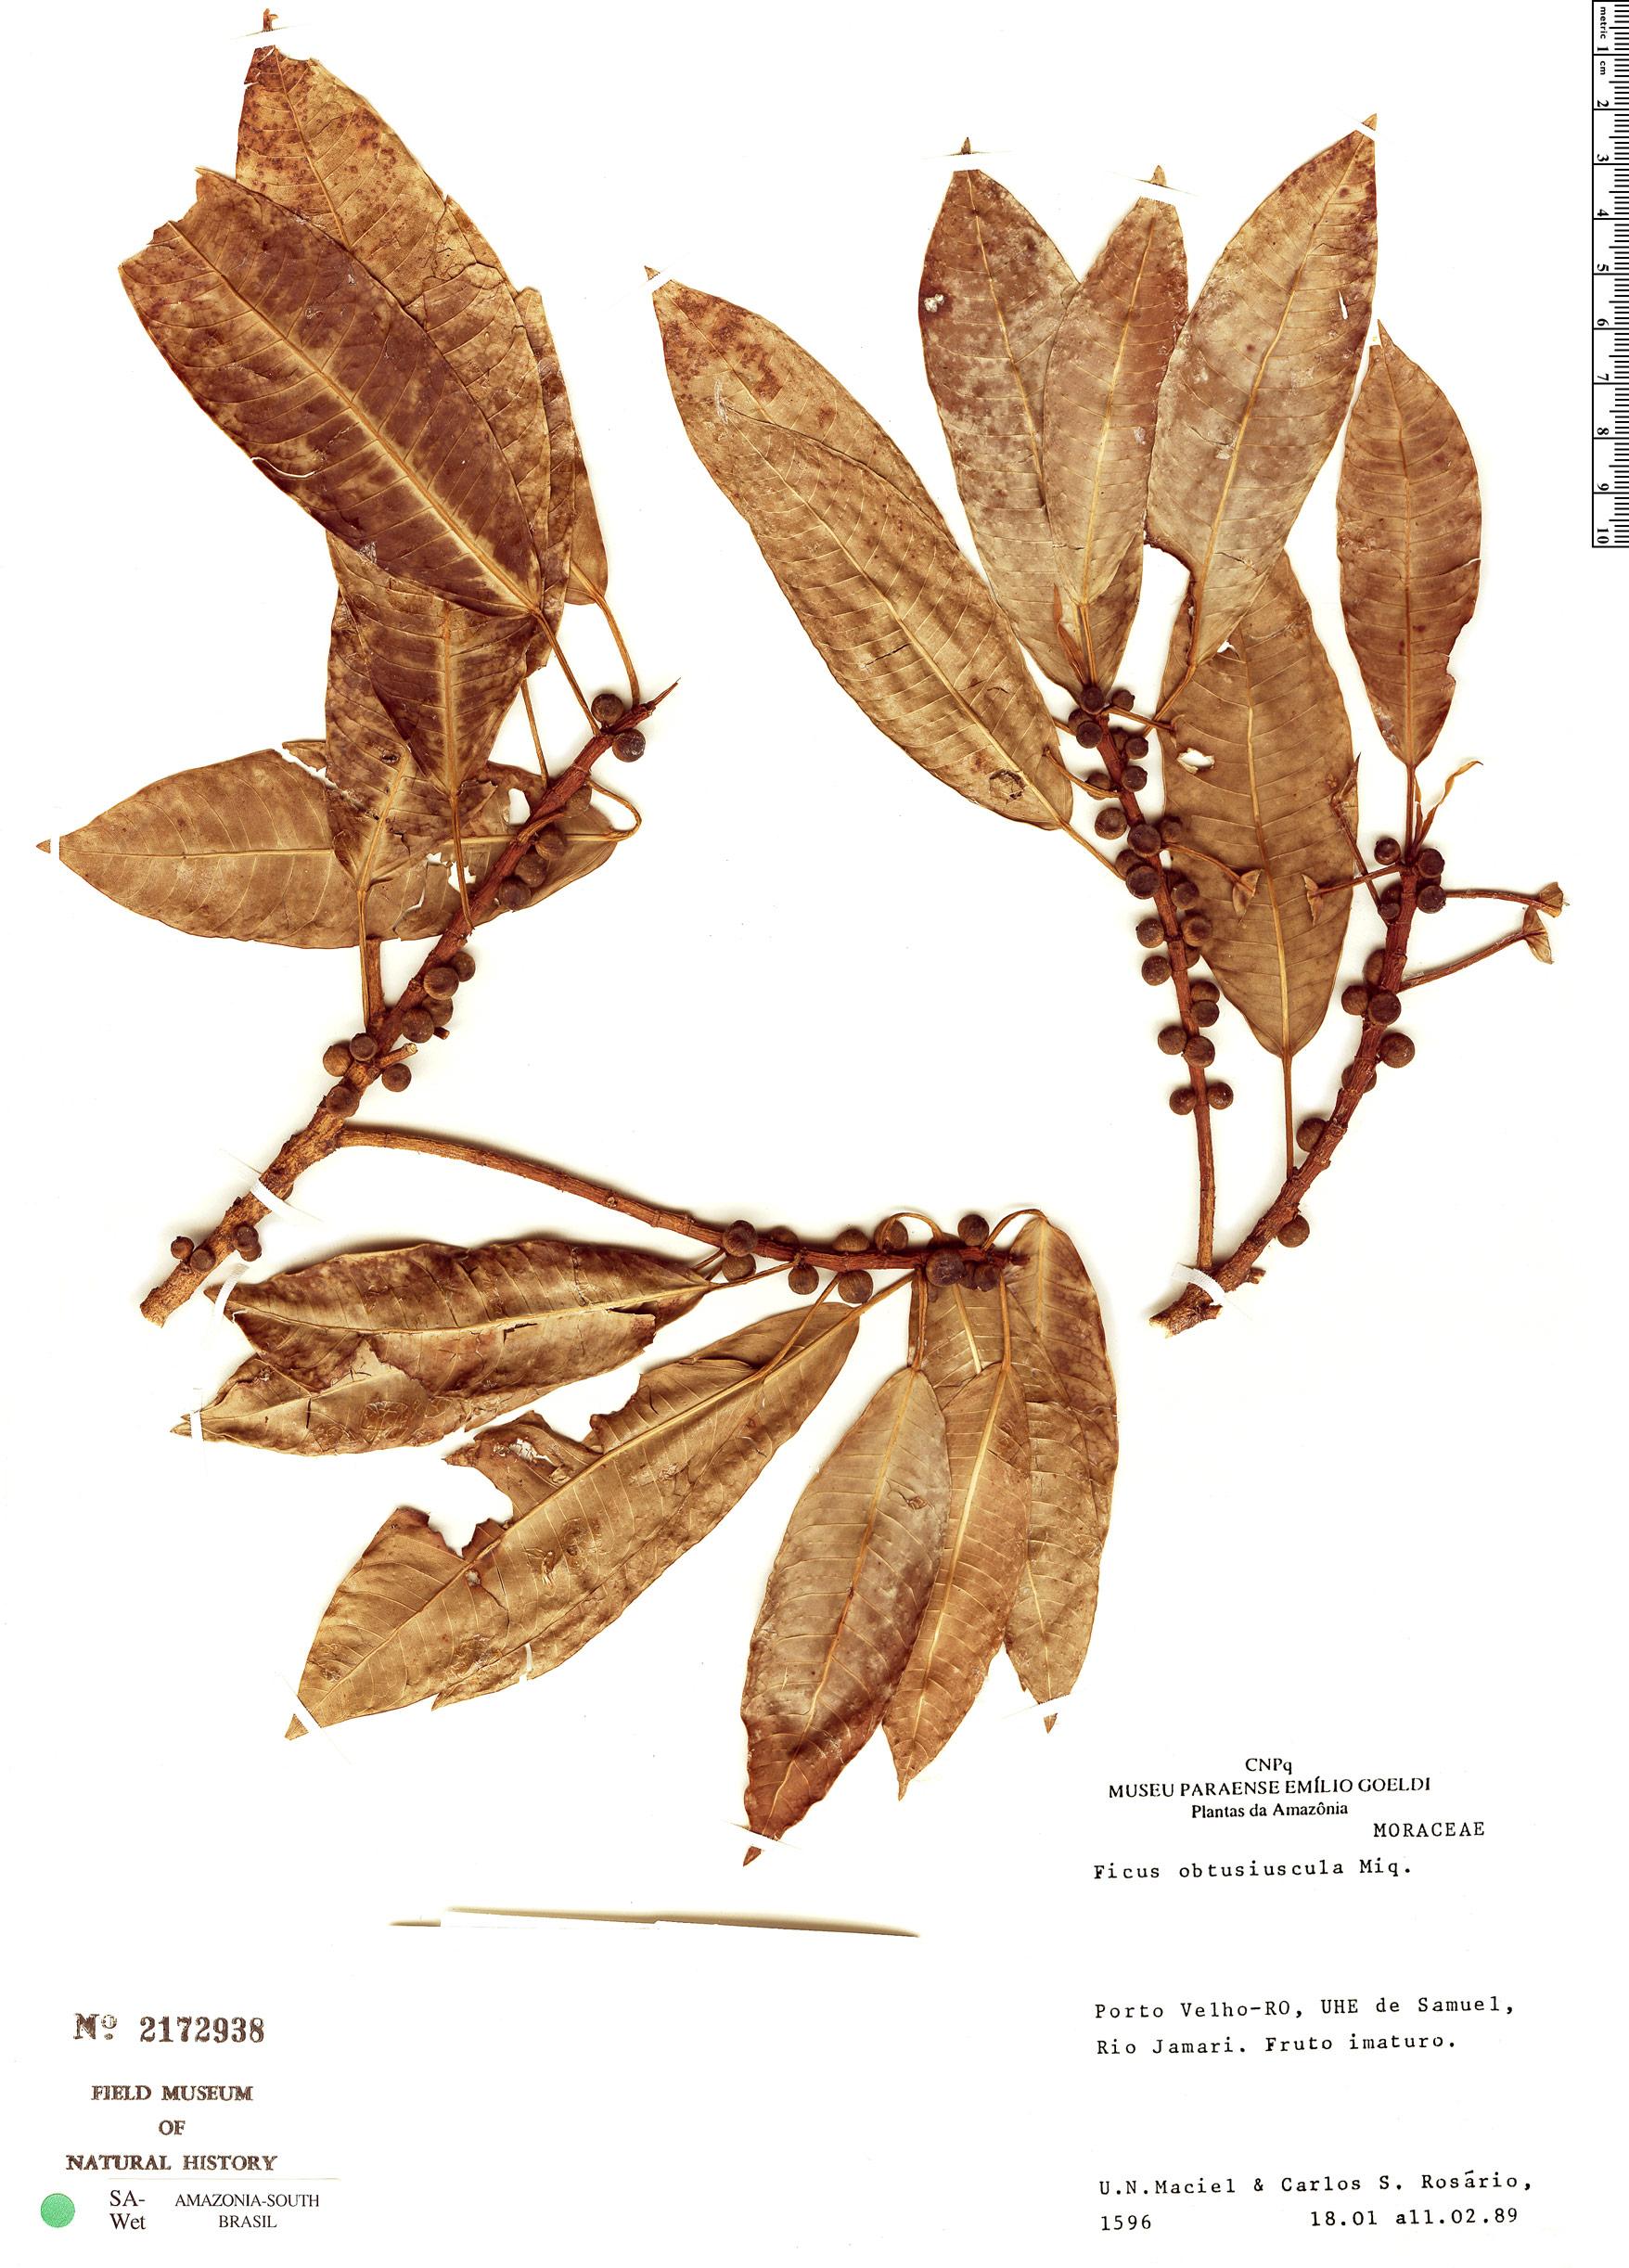 Espécimen: Ficus obtusiuscula